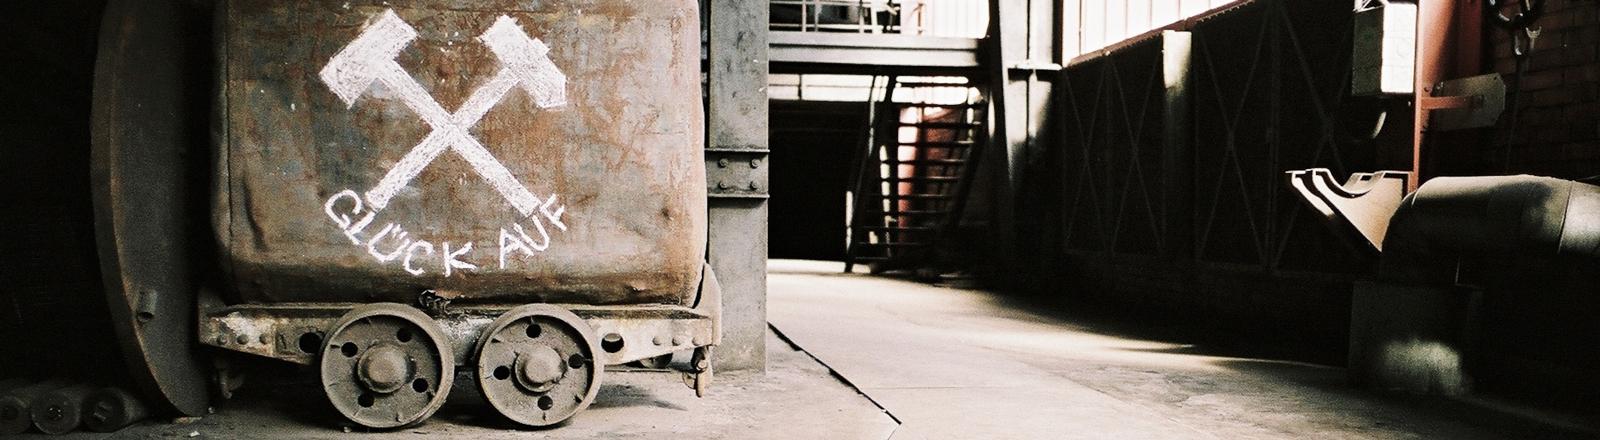 """In einer alten Industriehalle steht eine Lore, auf der """"Glück auf"""" sowie zwei Hammer, die sich überkreuzen, aufgemalt sind."""